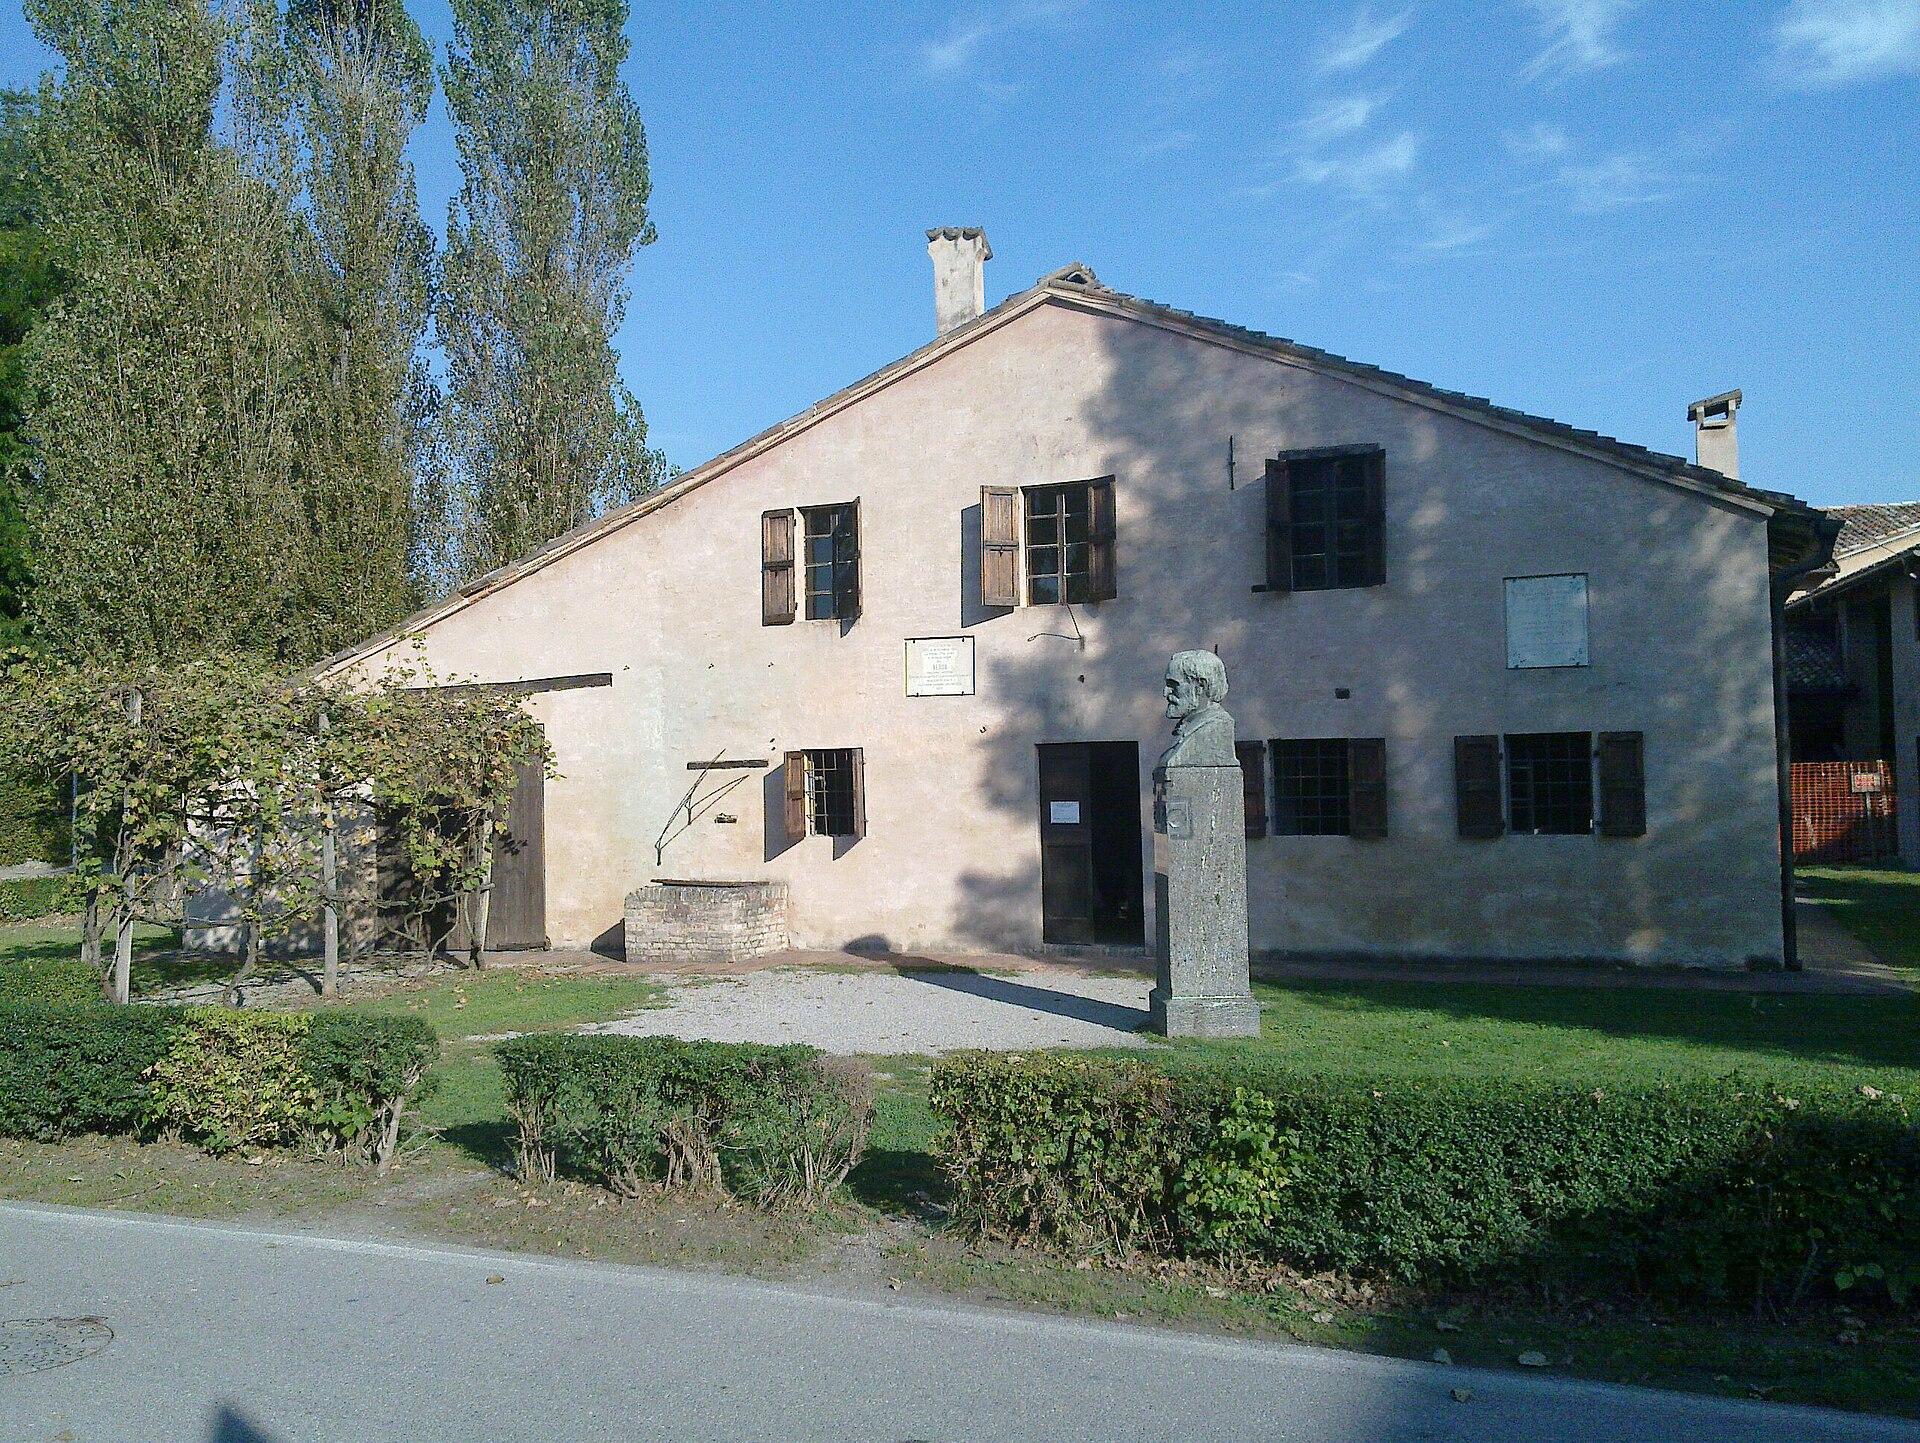 Casa natale di giuseppe verdi wikipedia for Casa immagini